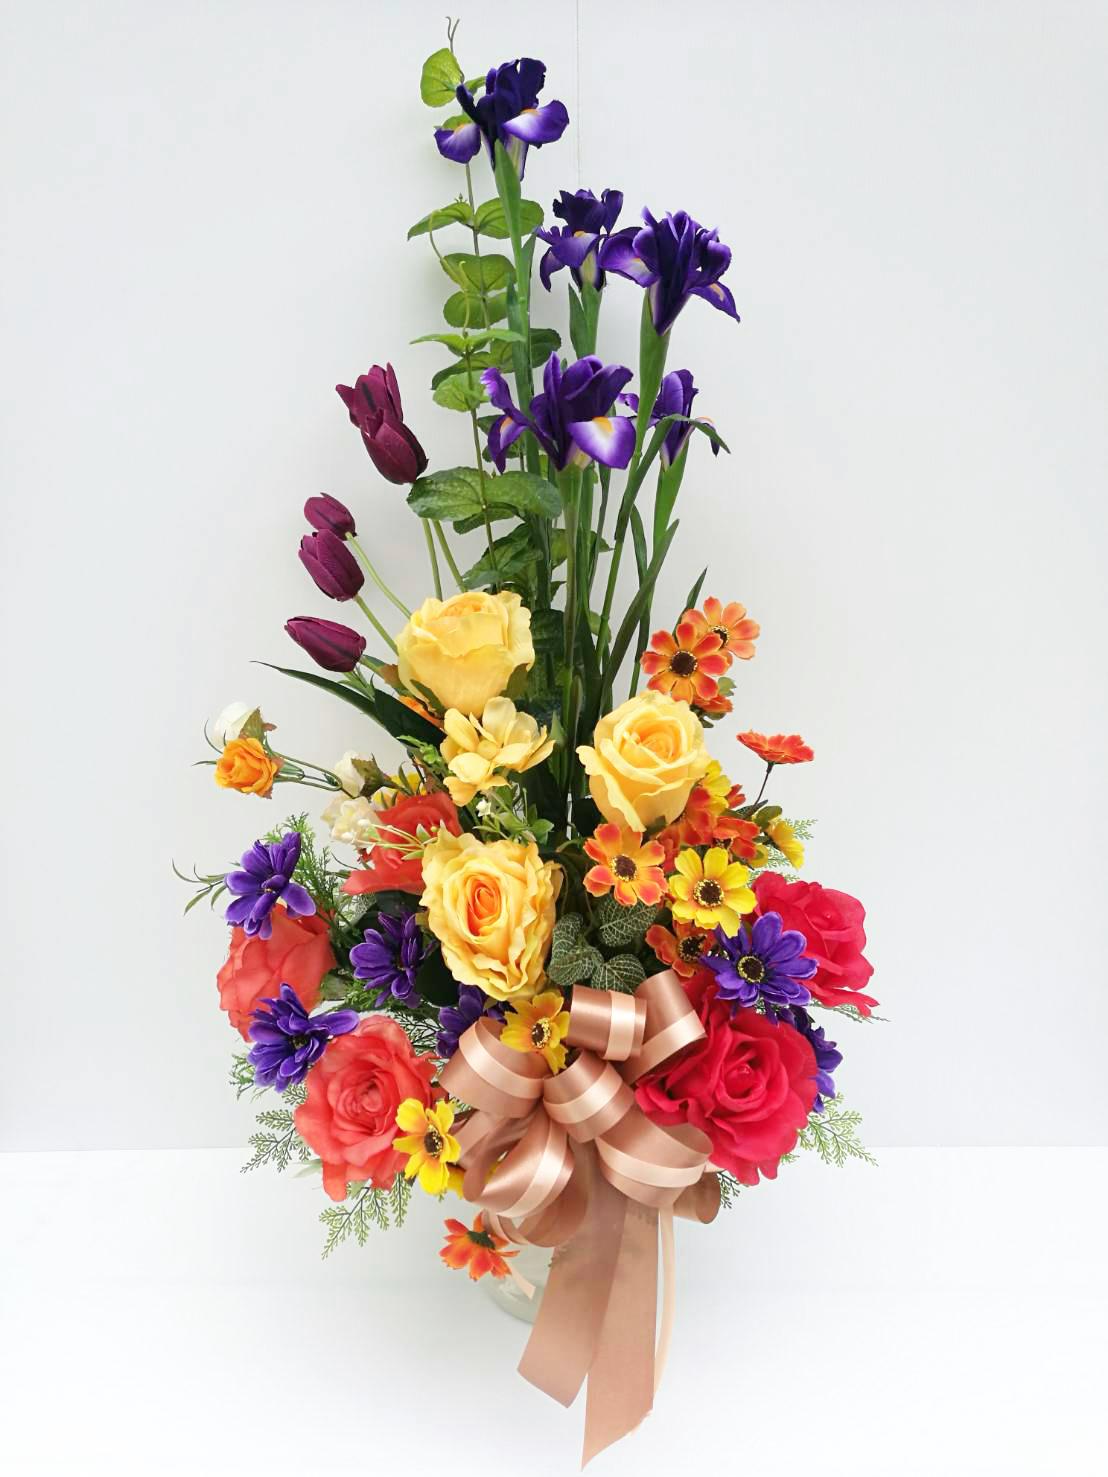 แจกันดอกไม้ประดิษฐ์โทนสีใหญ่ รหัส 3082